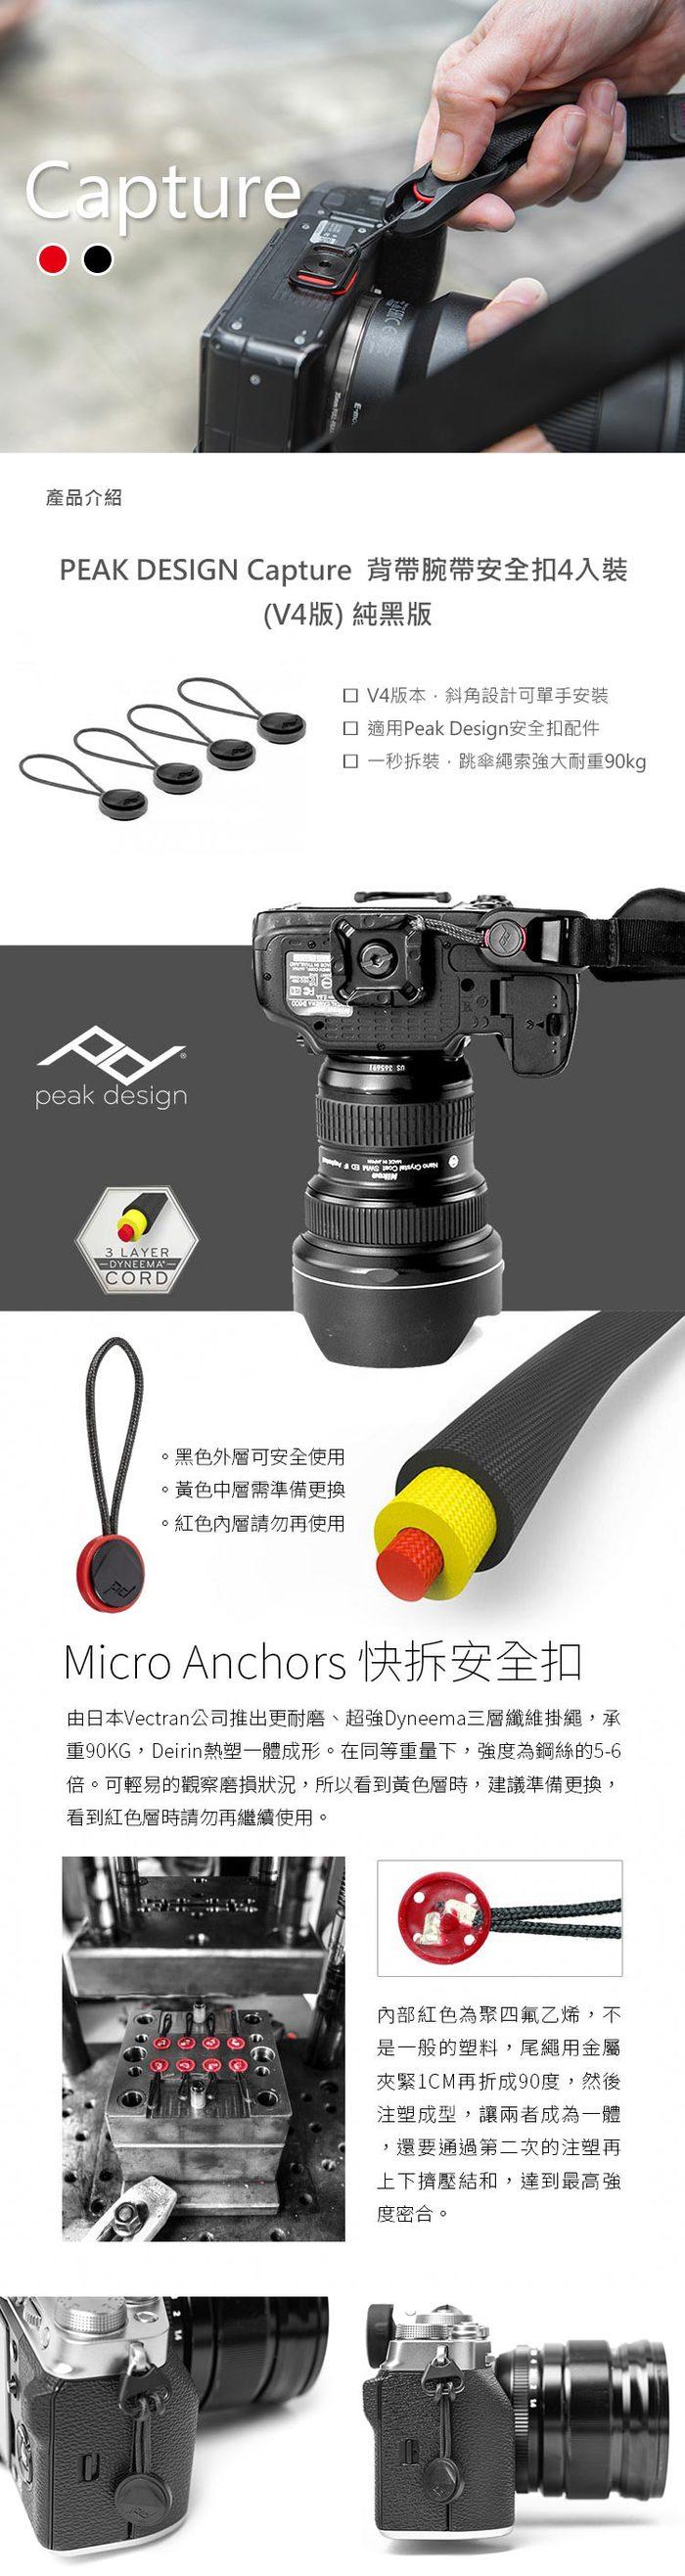 PEAK DESIGN|Capture PEAK DESIGN 純黑版 背帶腕帶安全扣4入裝 (V4版)